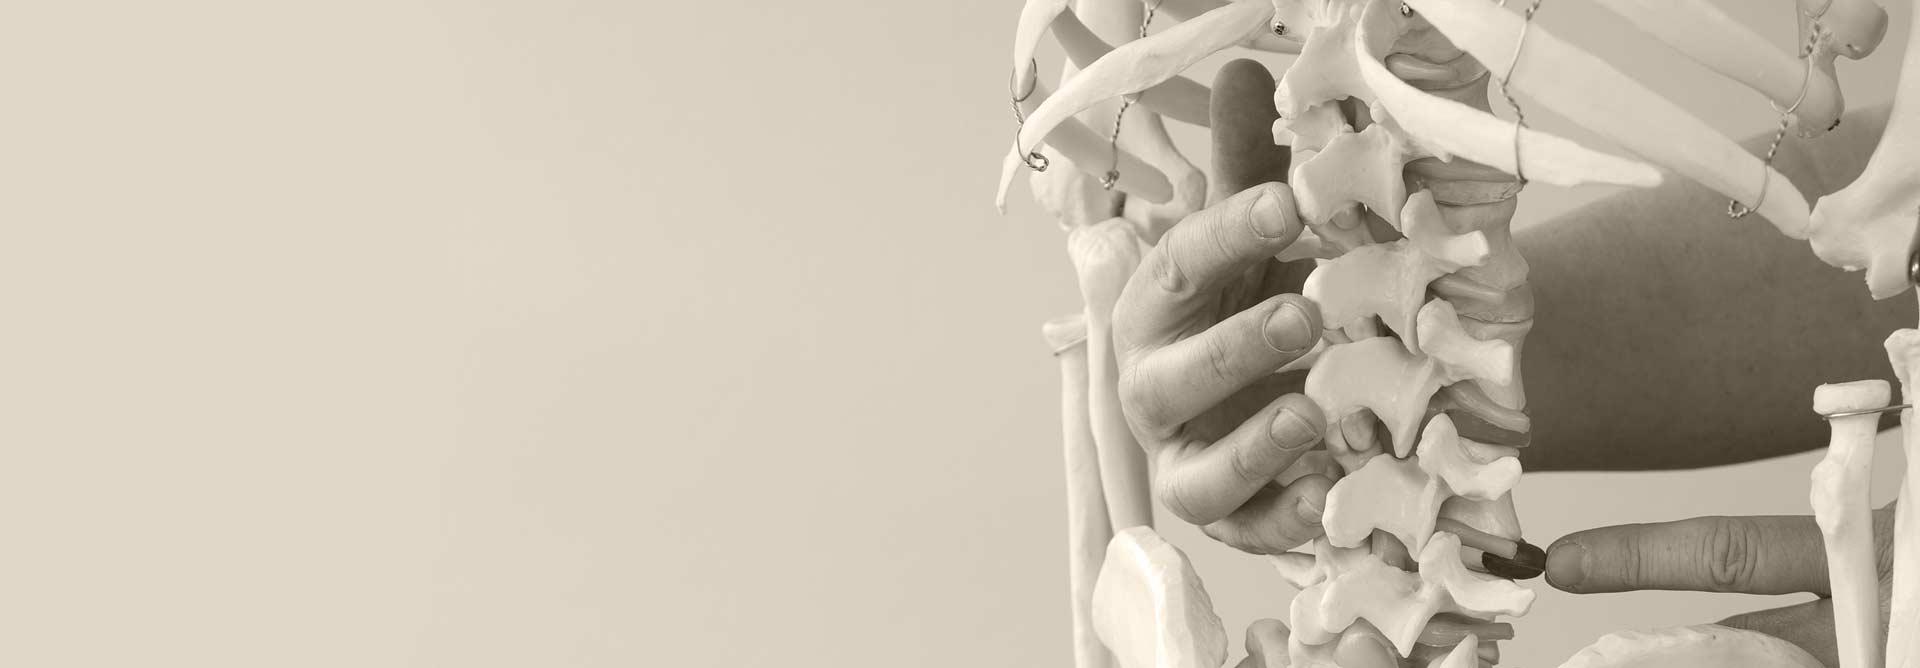 cabinet d'ostéopathie et de kinésithérapie à Hyères, dans le Var (83)